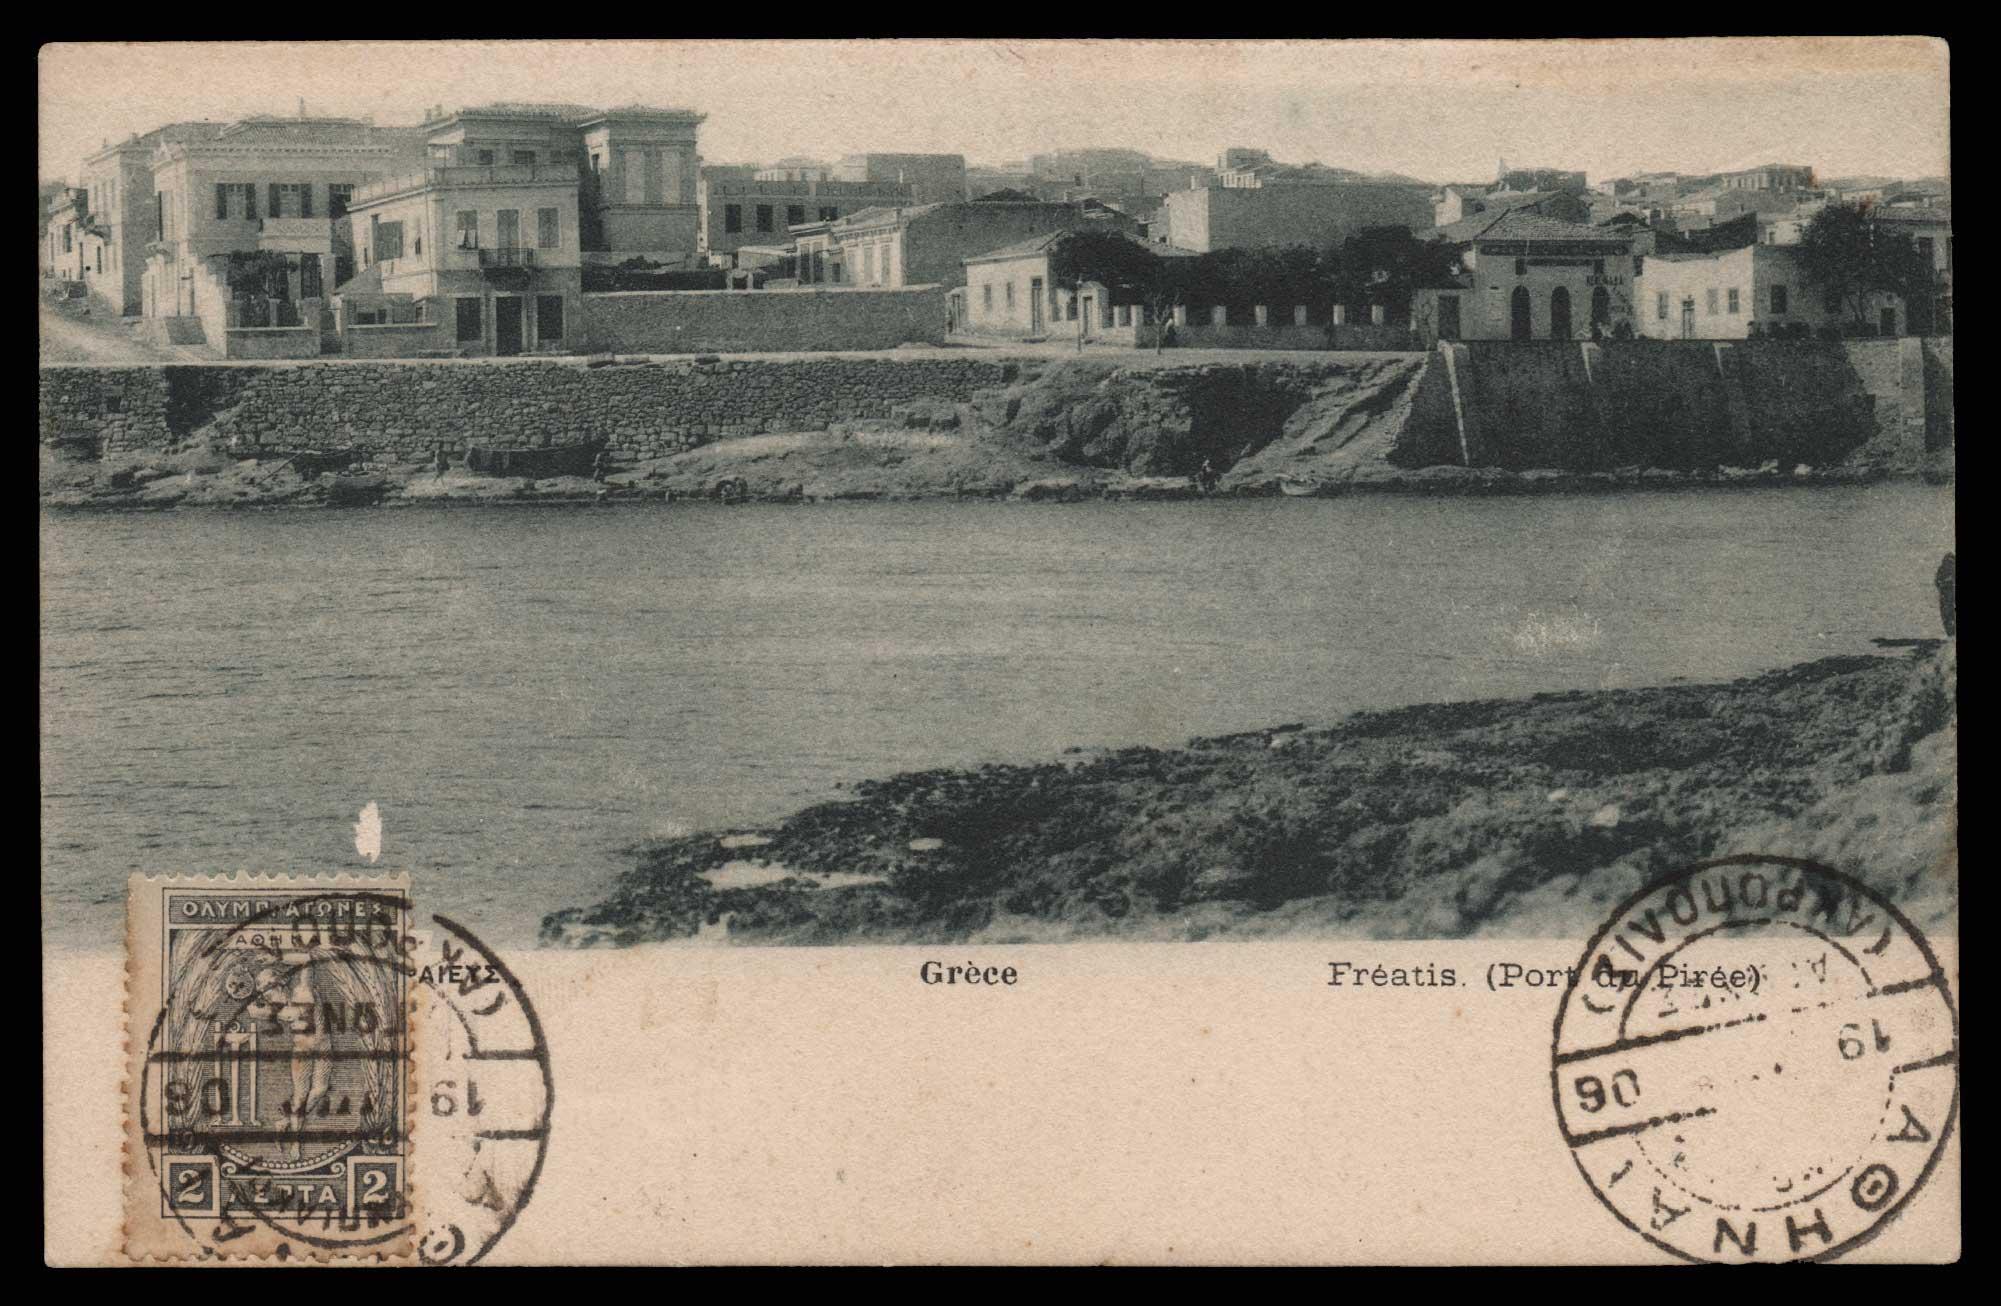 Lot 530 - -  1906 SECOND OLYMPIC GAMES 1906 second olympic games -  Athens Auctions Public Auction 74 General Stamp Sale